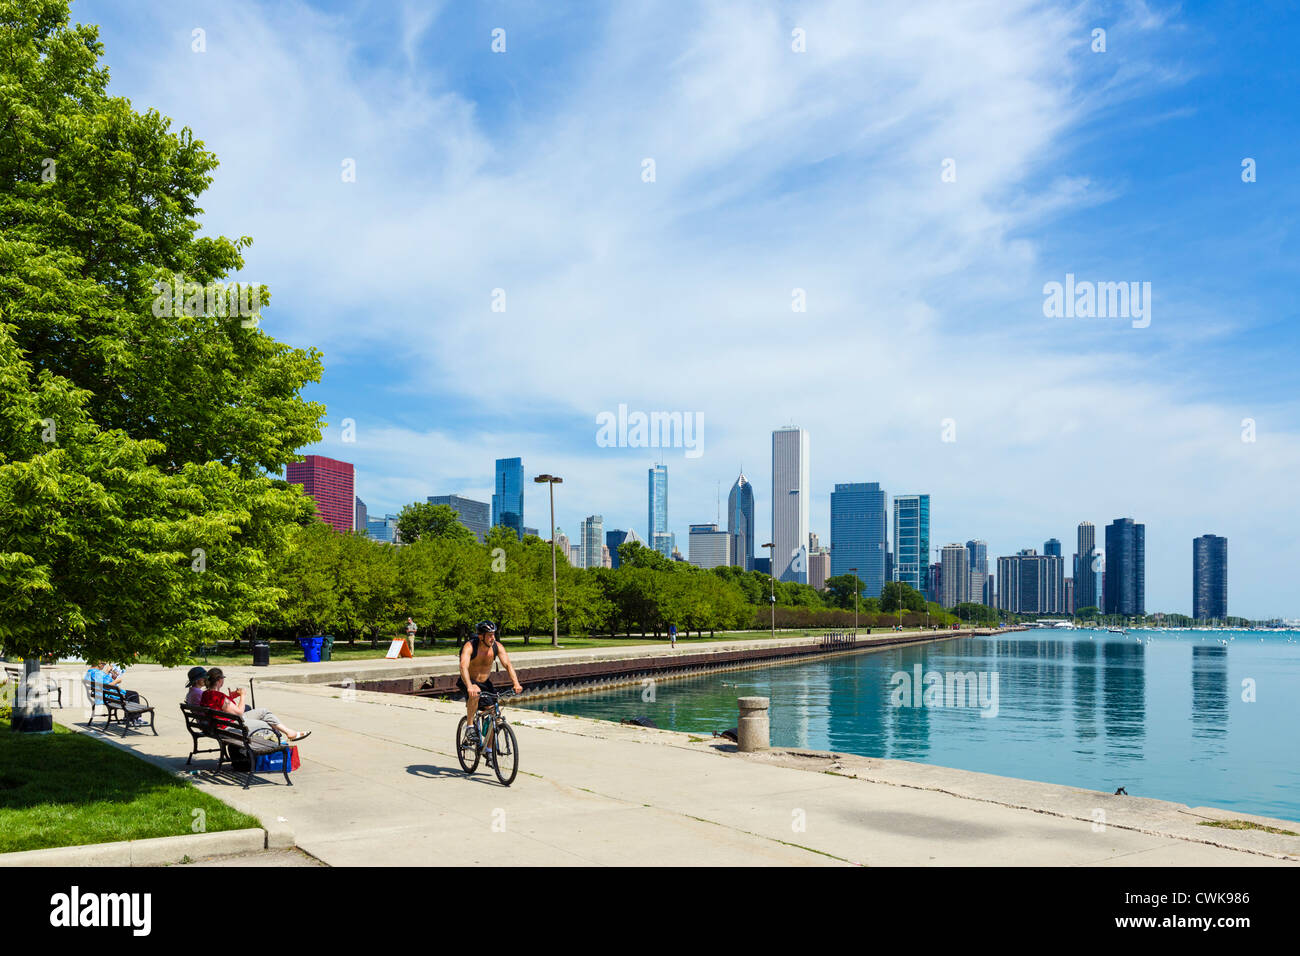 La ville du bord du lac à Grant Park, Chicago, Illinois, États-Unis Photo Stock